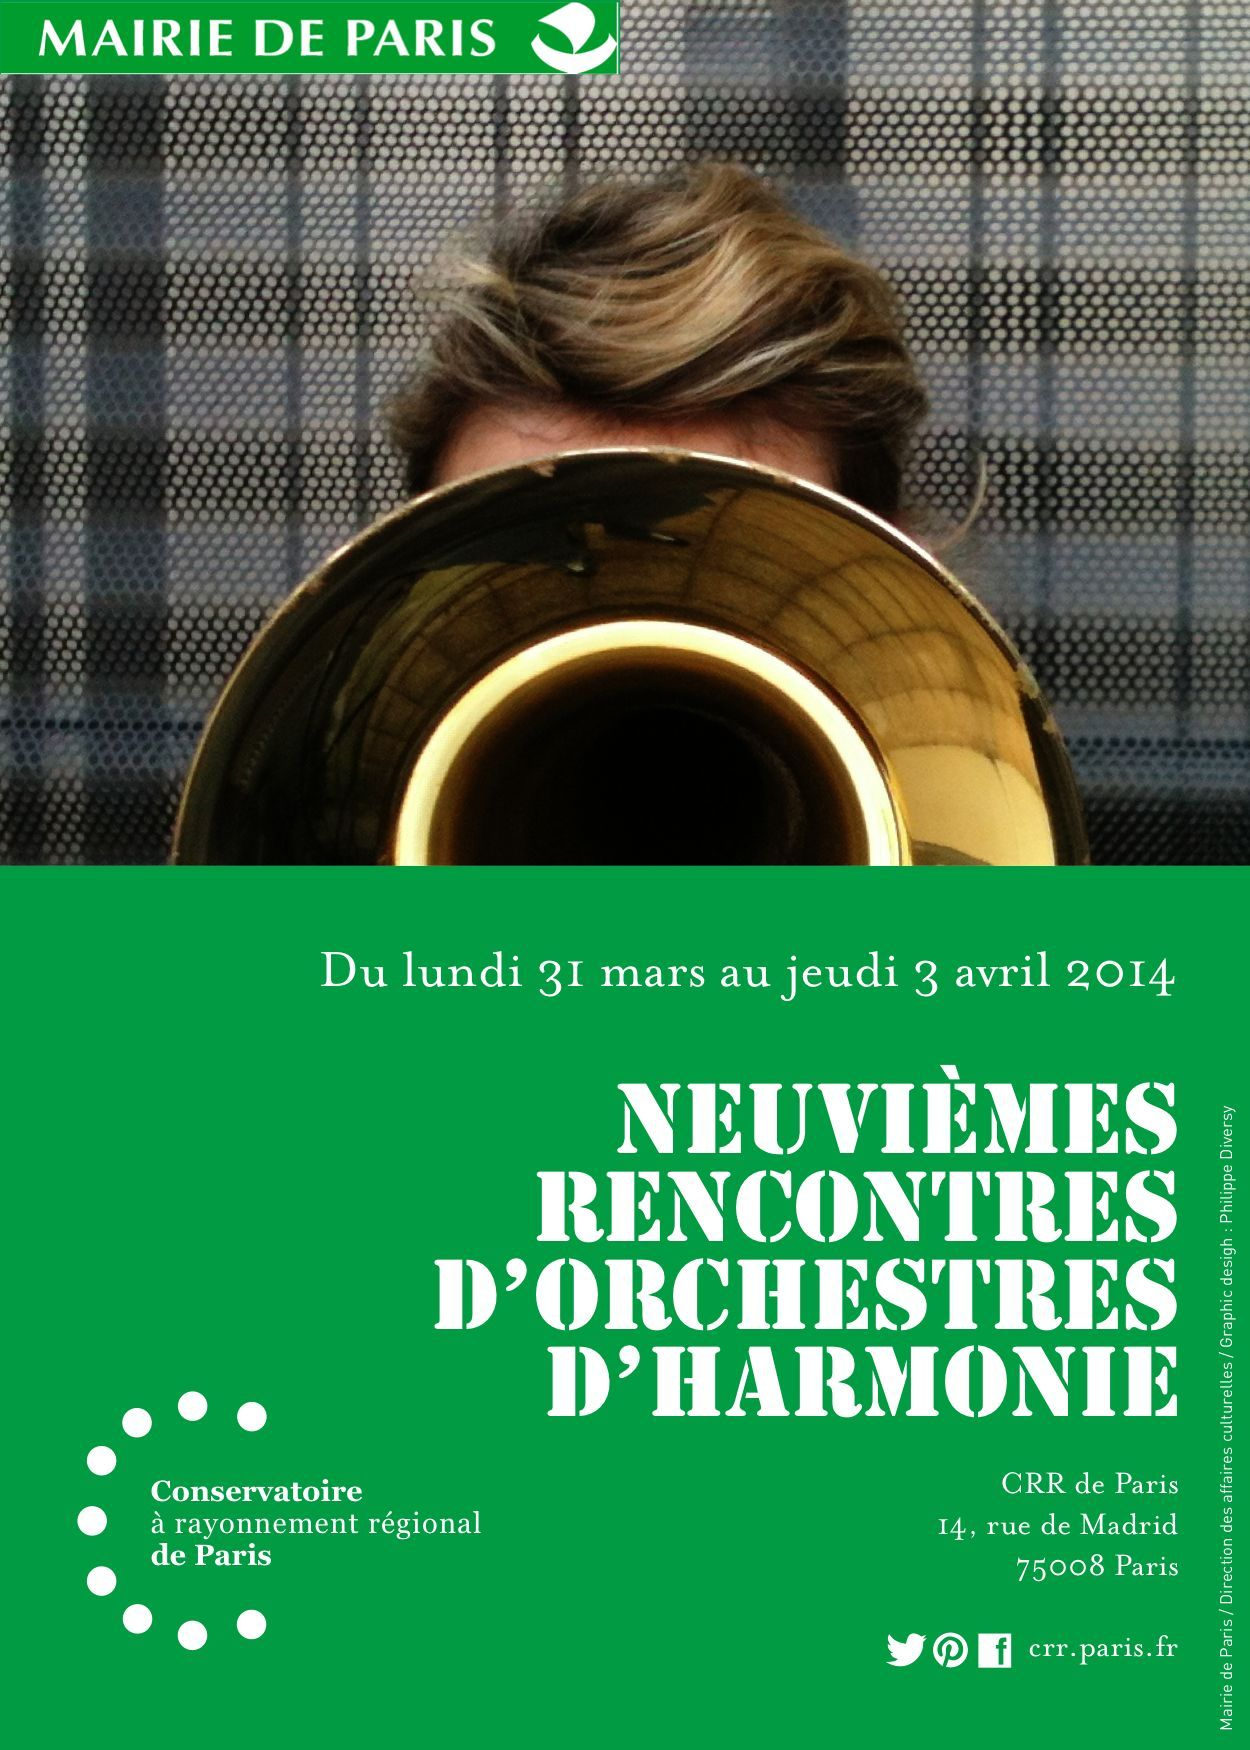 9e rencontre d'orchestre d'harmonie au CRR de Paris. Du lundi 31 mars au jeudi 3 avril 2014. Infos + Programme : http://crr.paris.fr/Centre_de_telechargement.html Graphisme : Mairie de Paris > DAC > CRR > Philippe